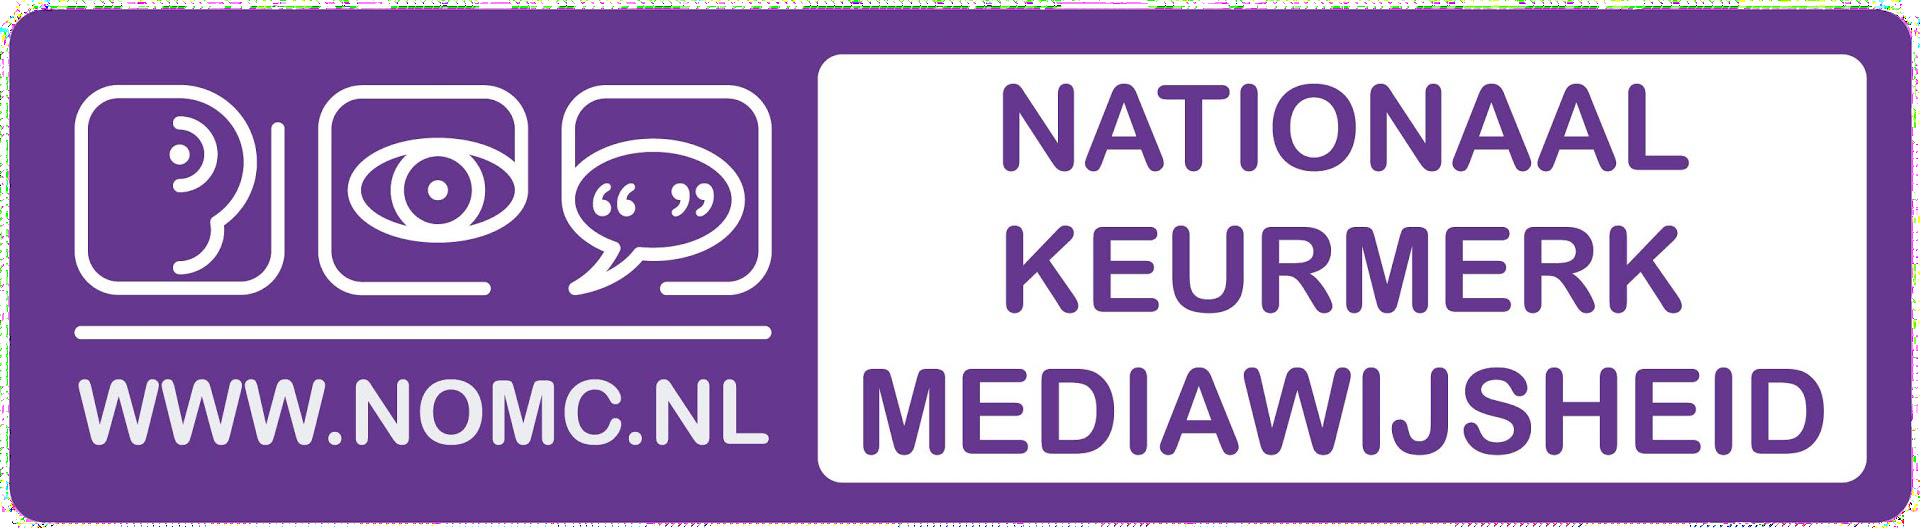 Nationaal Keurmerk Mediawijsheid m